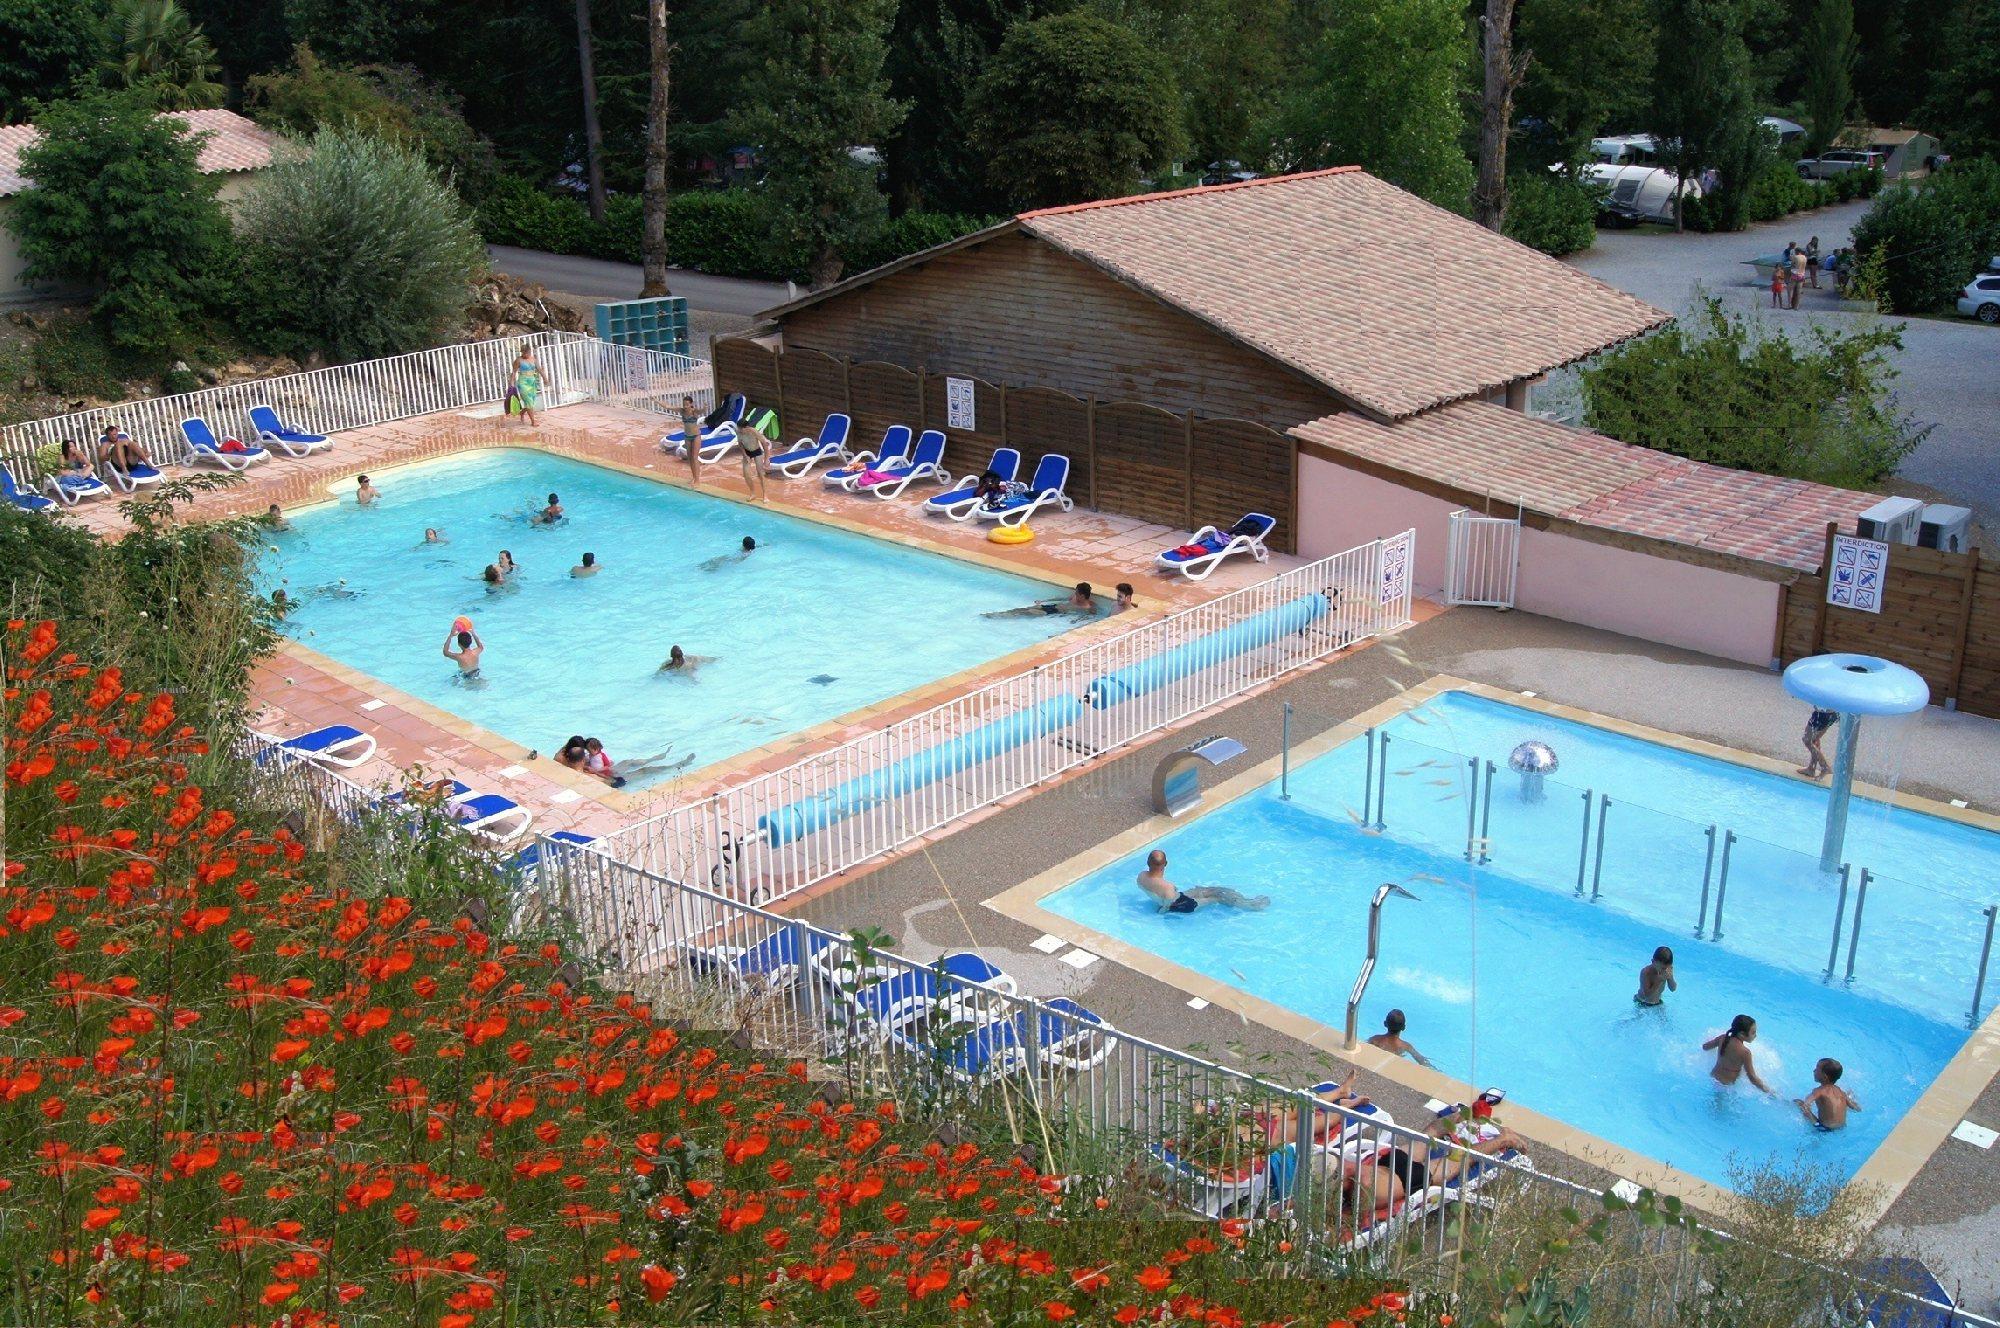 Camping Les Bords Du Tarn, Mostuéjouls | Camping | Tourisme ... destiné Piscine Rodez